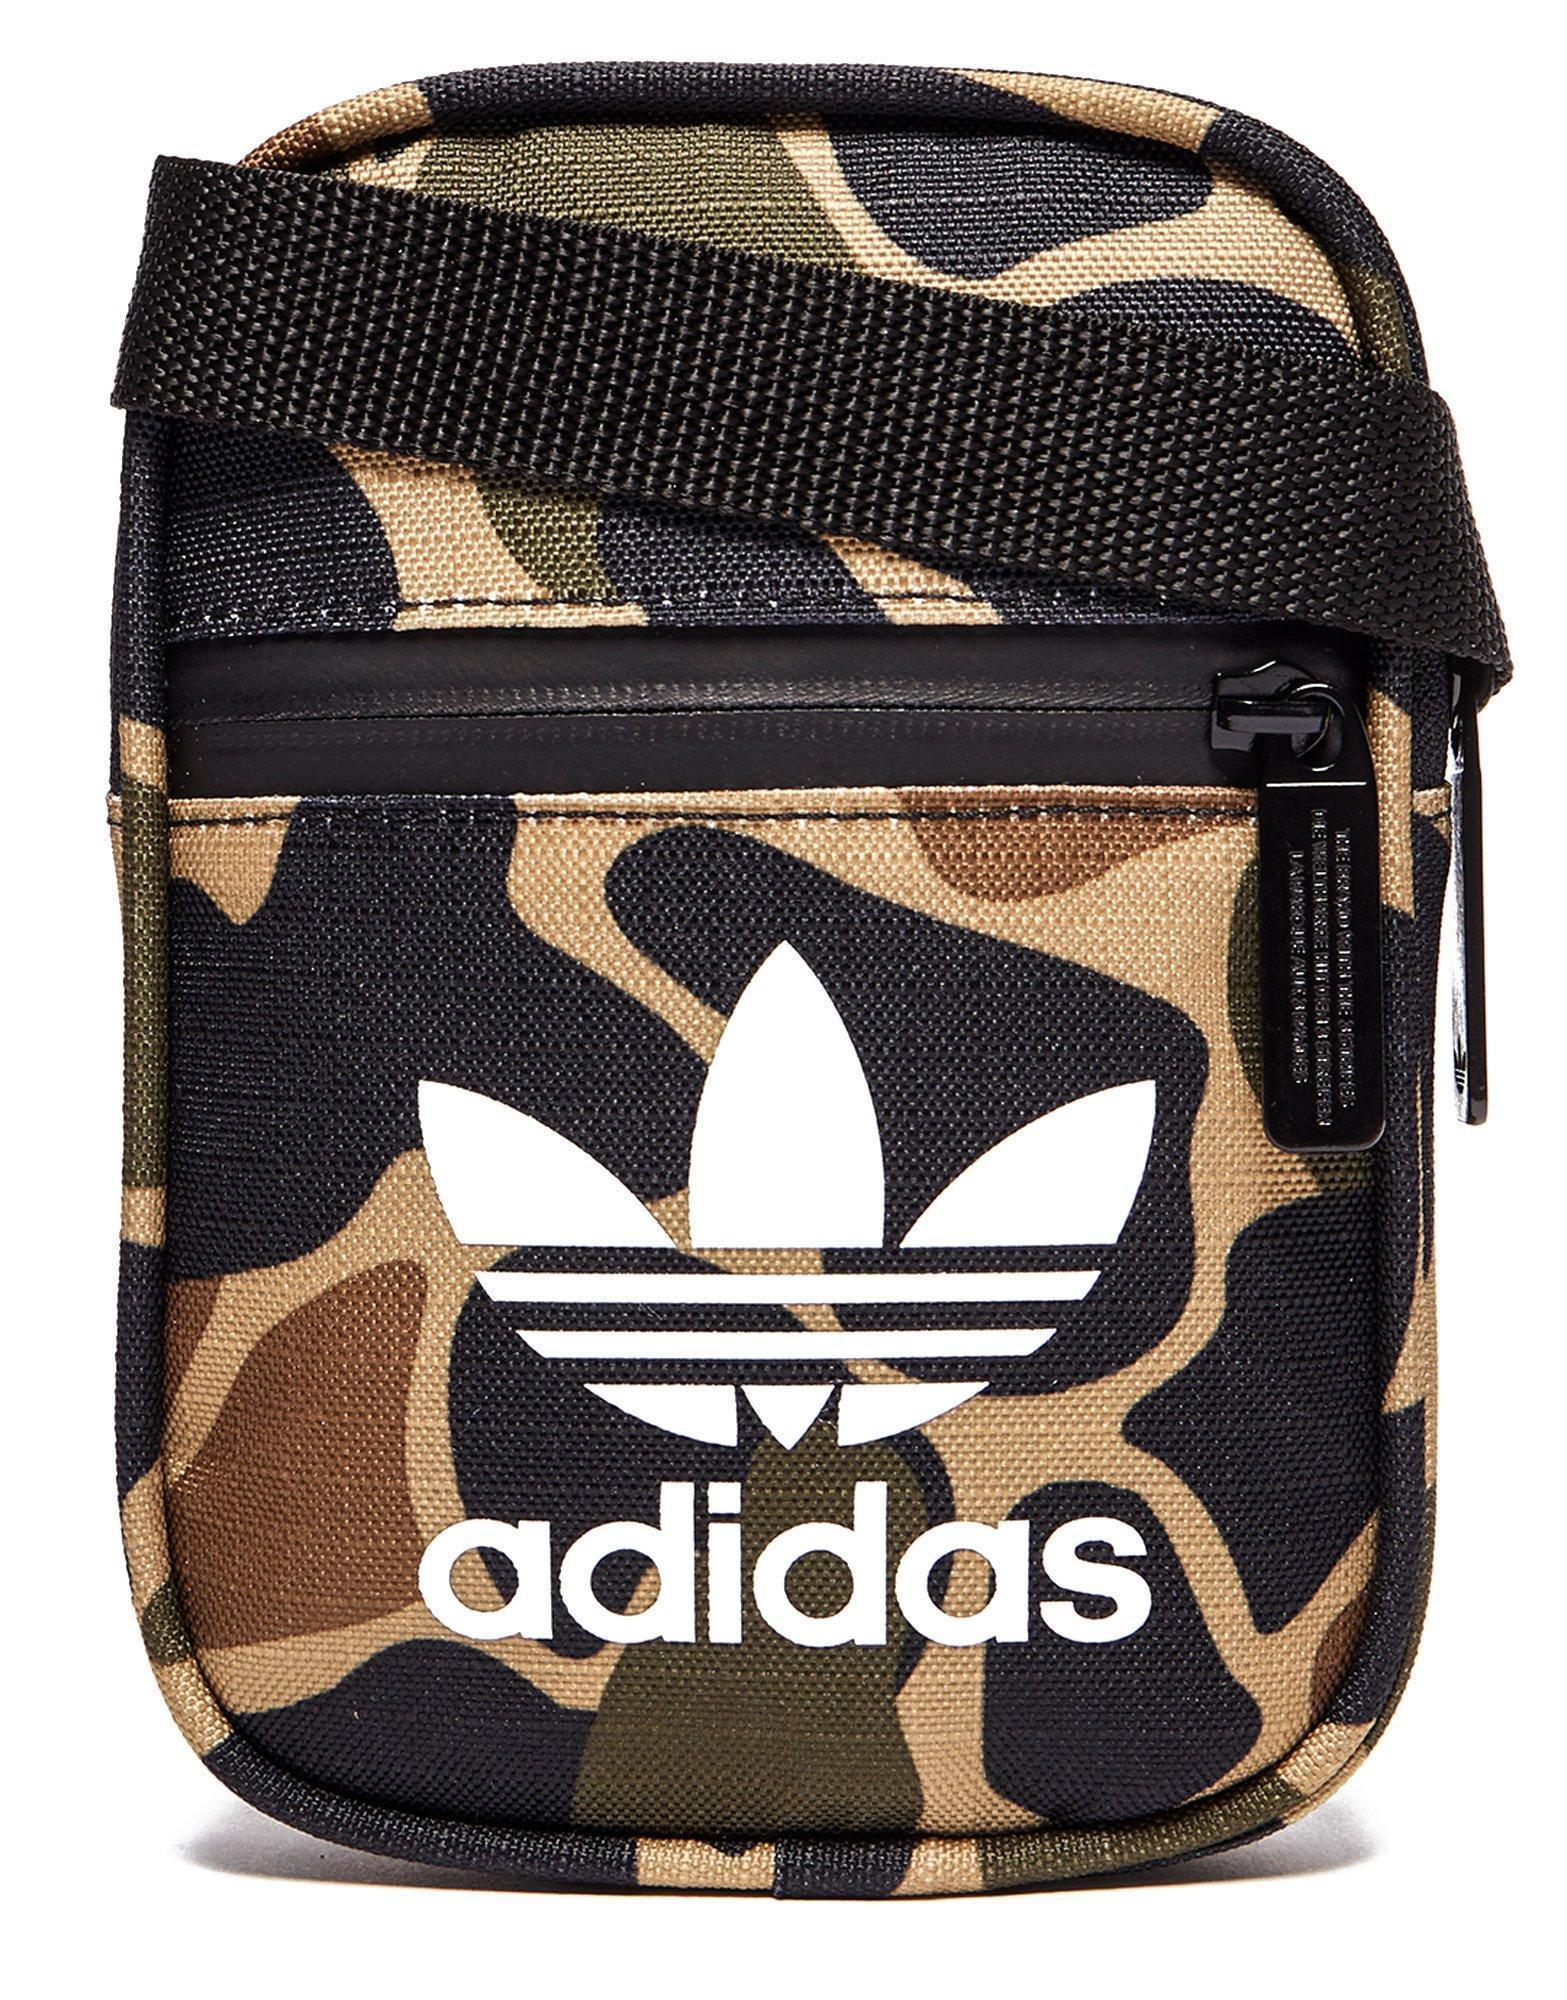 Lyst - Adidas Originals Festival Bag for Men e4c0d793fccde